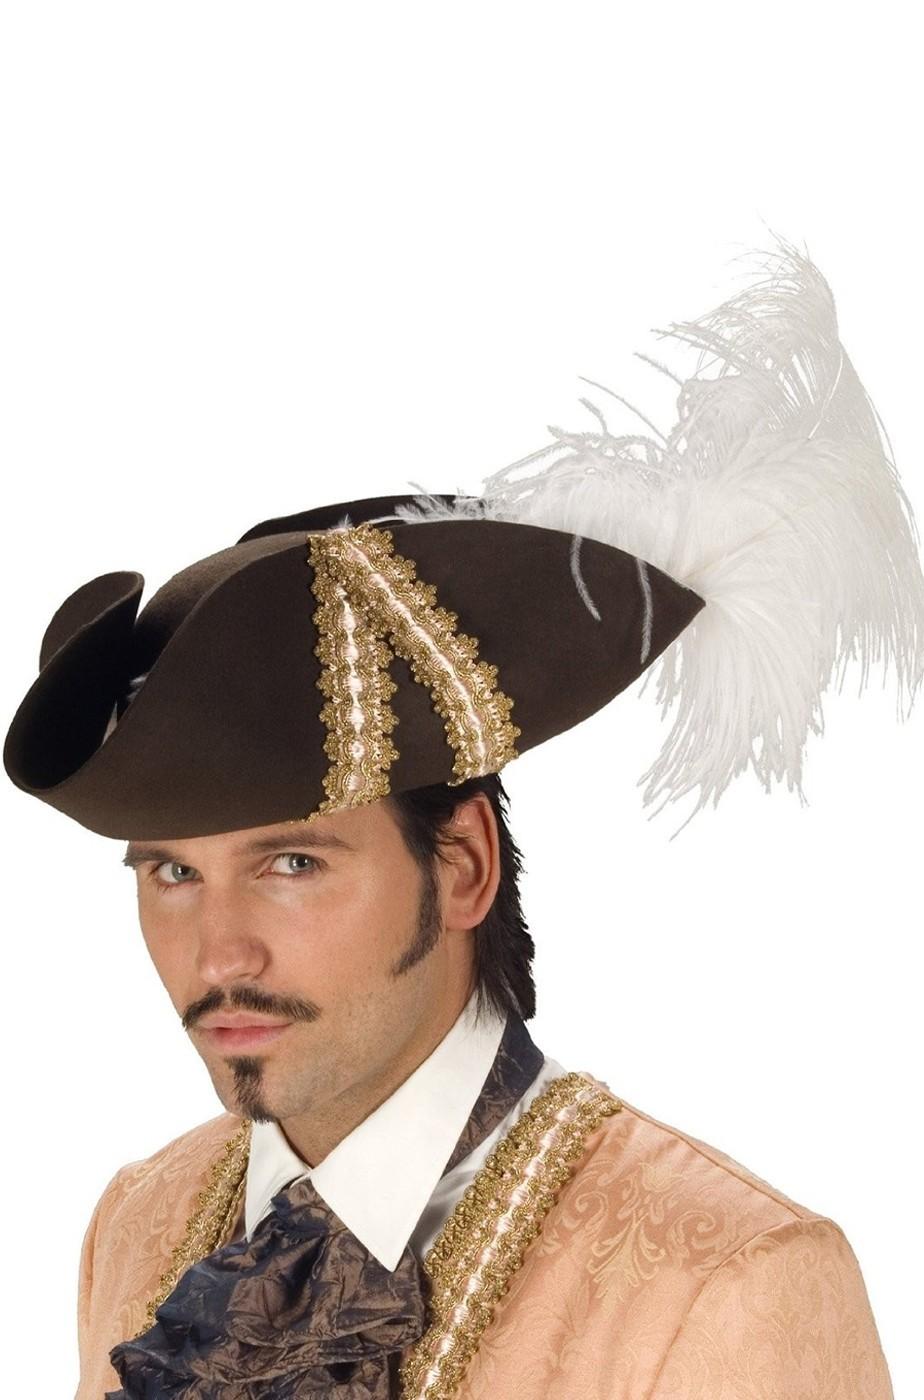 Cappello pirata 700 moschettiere extra lusso con piume f72e11d95513